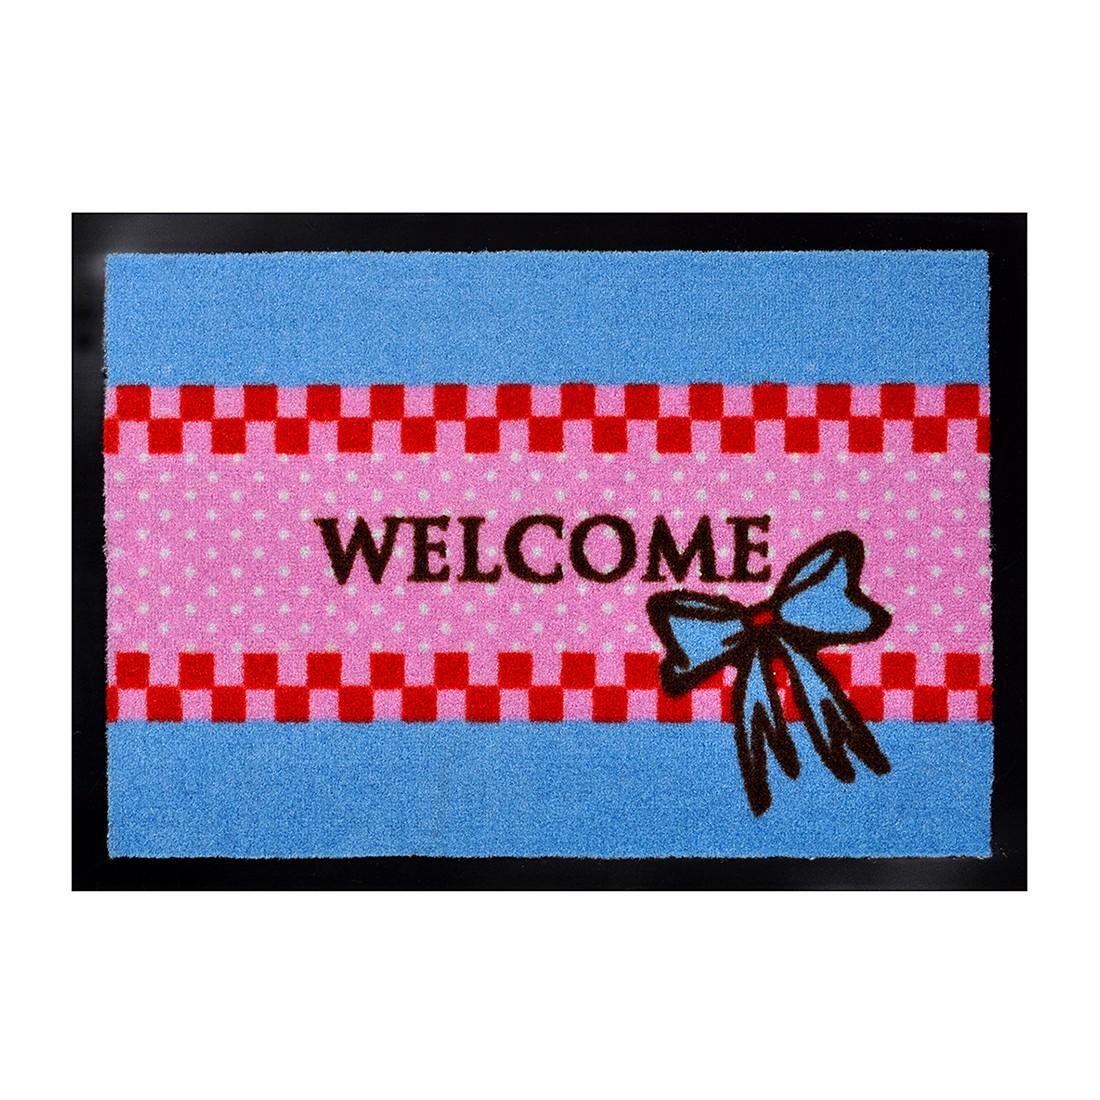 Fußmatte Printy sweet Welcome – Blau/Rot – 40 x 60 cm, Hanse Home Collection jetzt kaufen